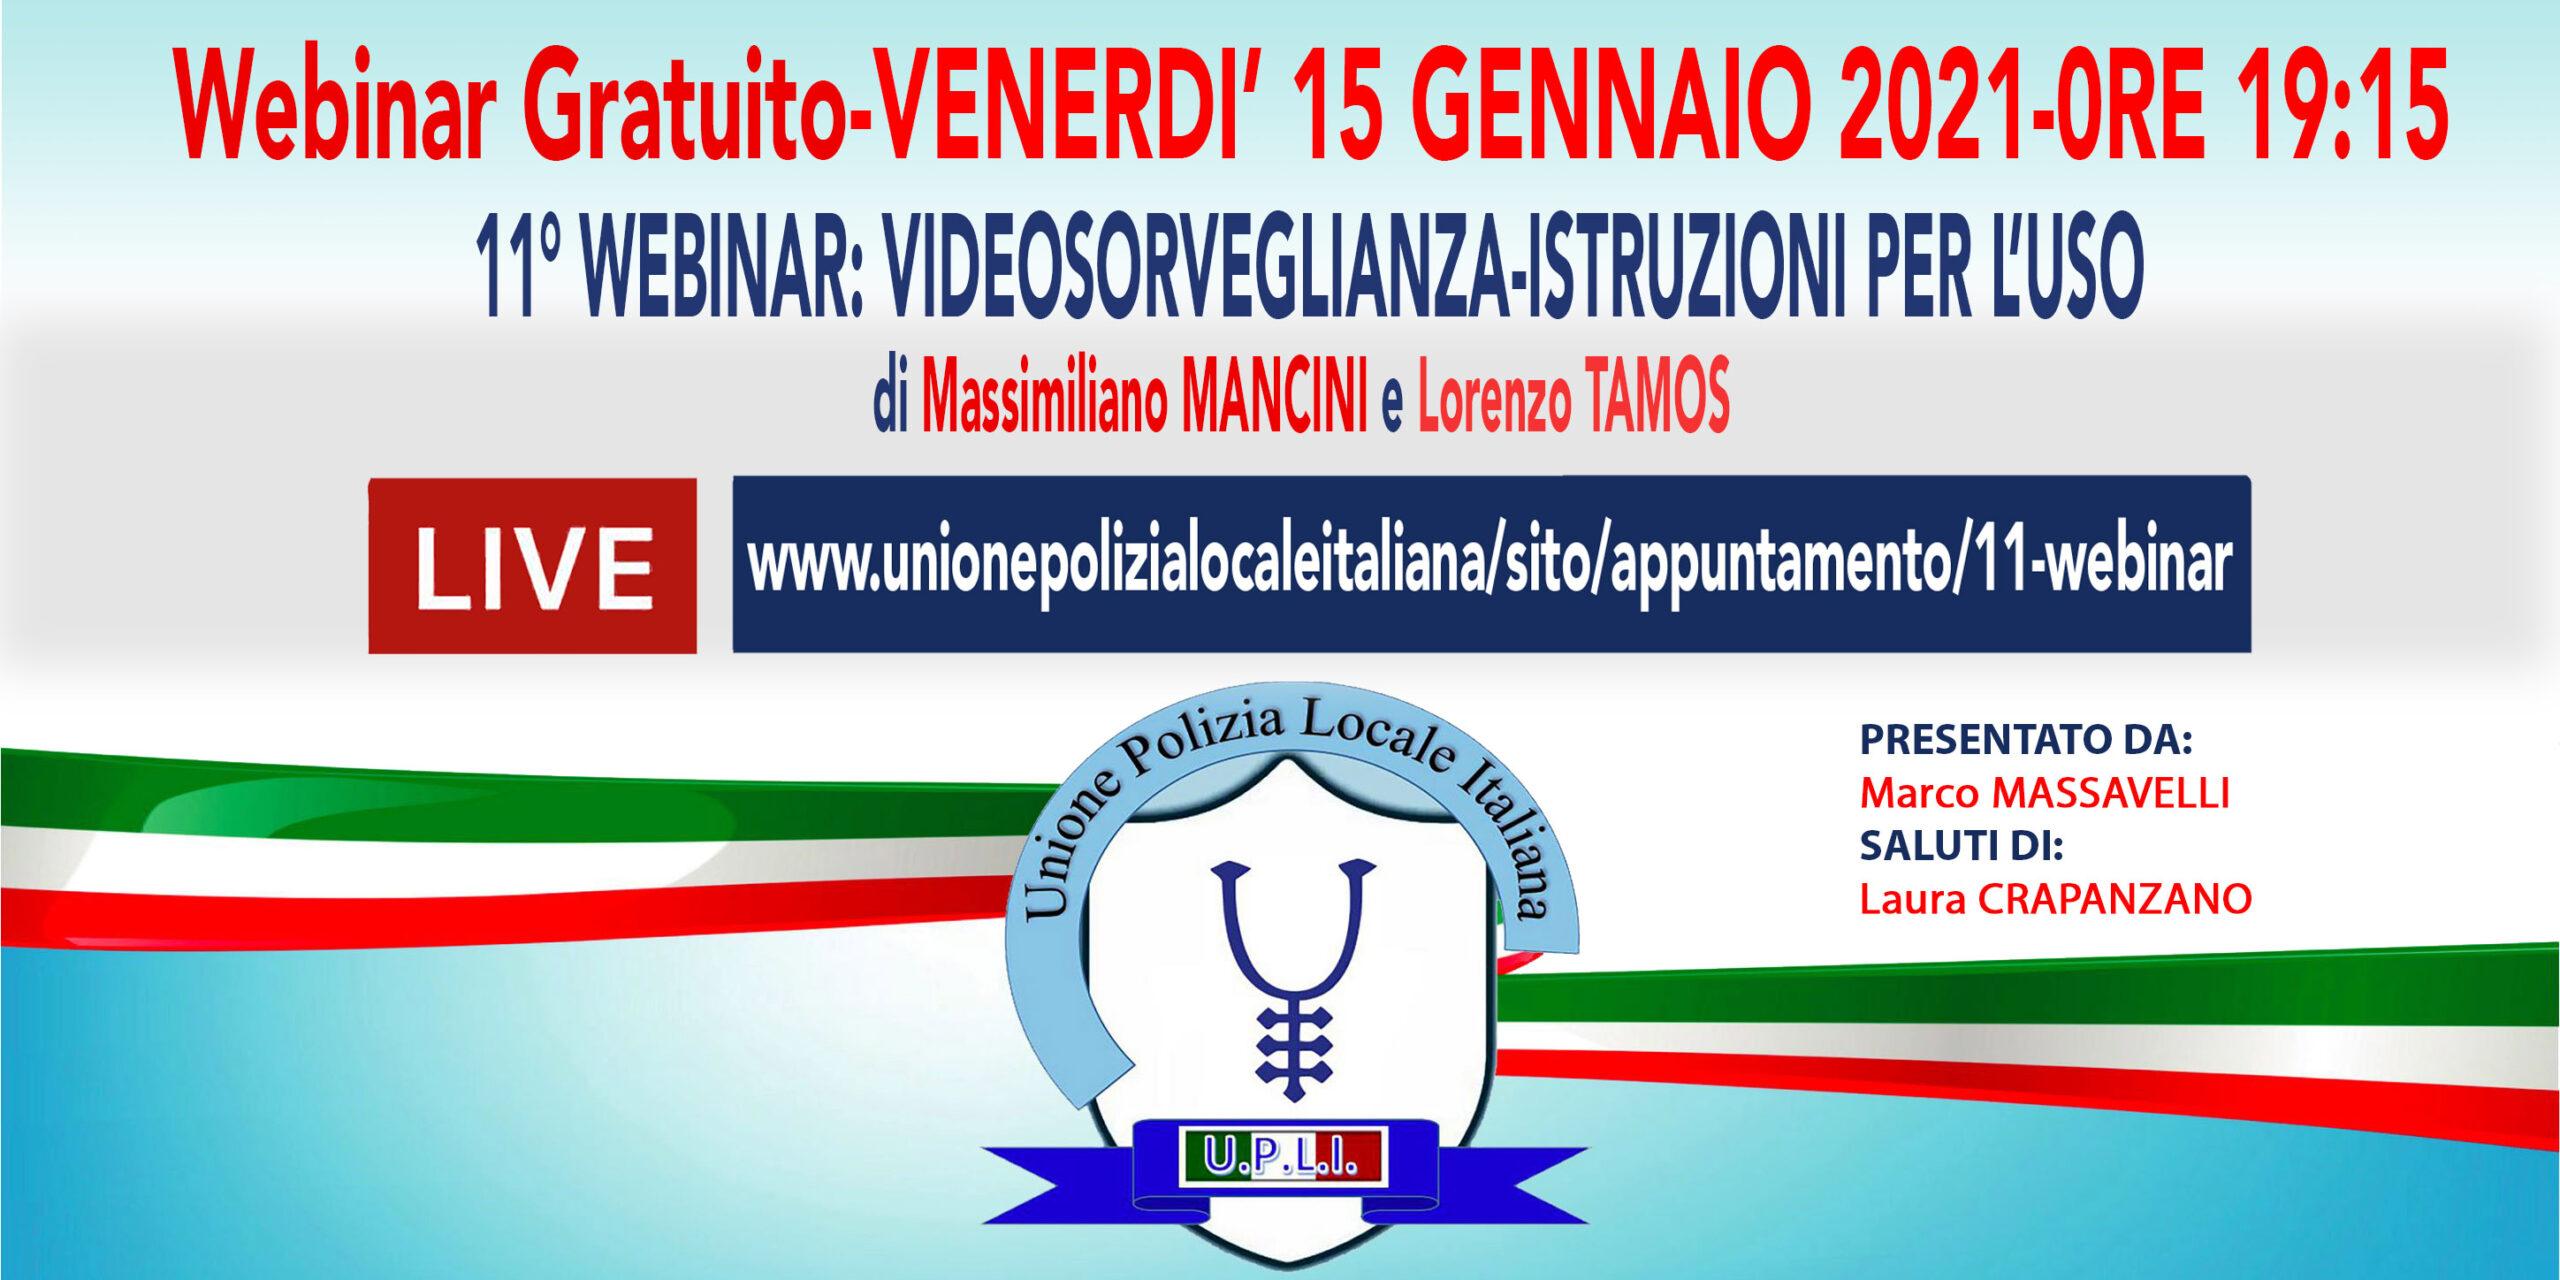 11 WEBINAR UPLI: VIDEOSORVEGLIANZA-ISTRUZIONI PER L'USO di L.Tamos e M.Mancini